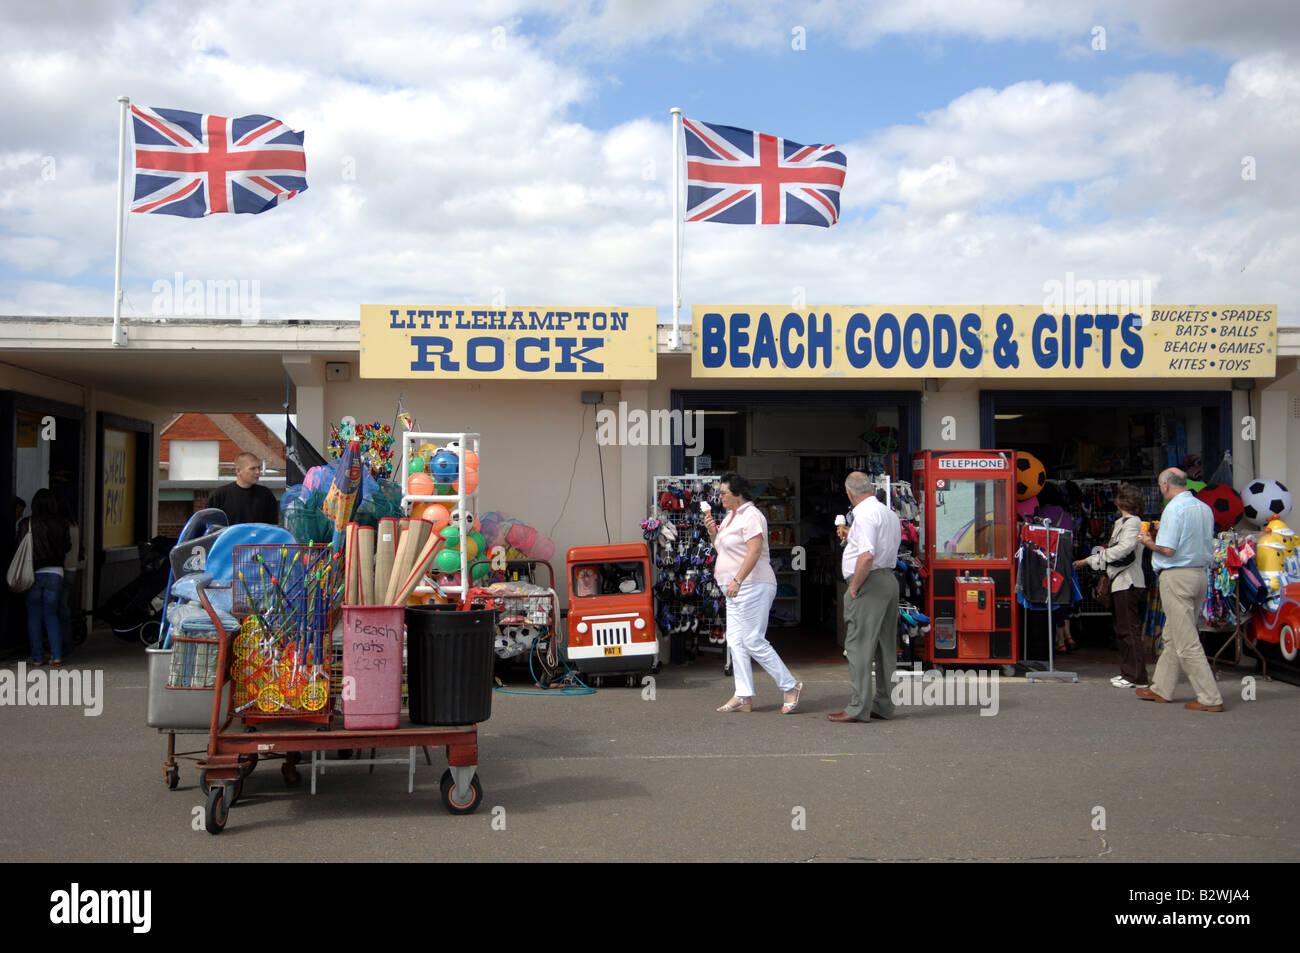 Seaside Souvenir Imágenes De Stock   Seaside Souvenir Fotos De Stock ... aefb2f01a1a2e